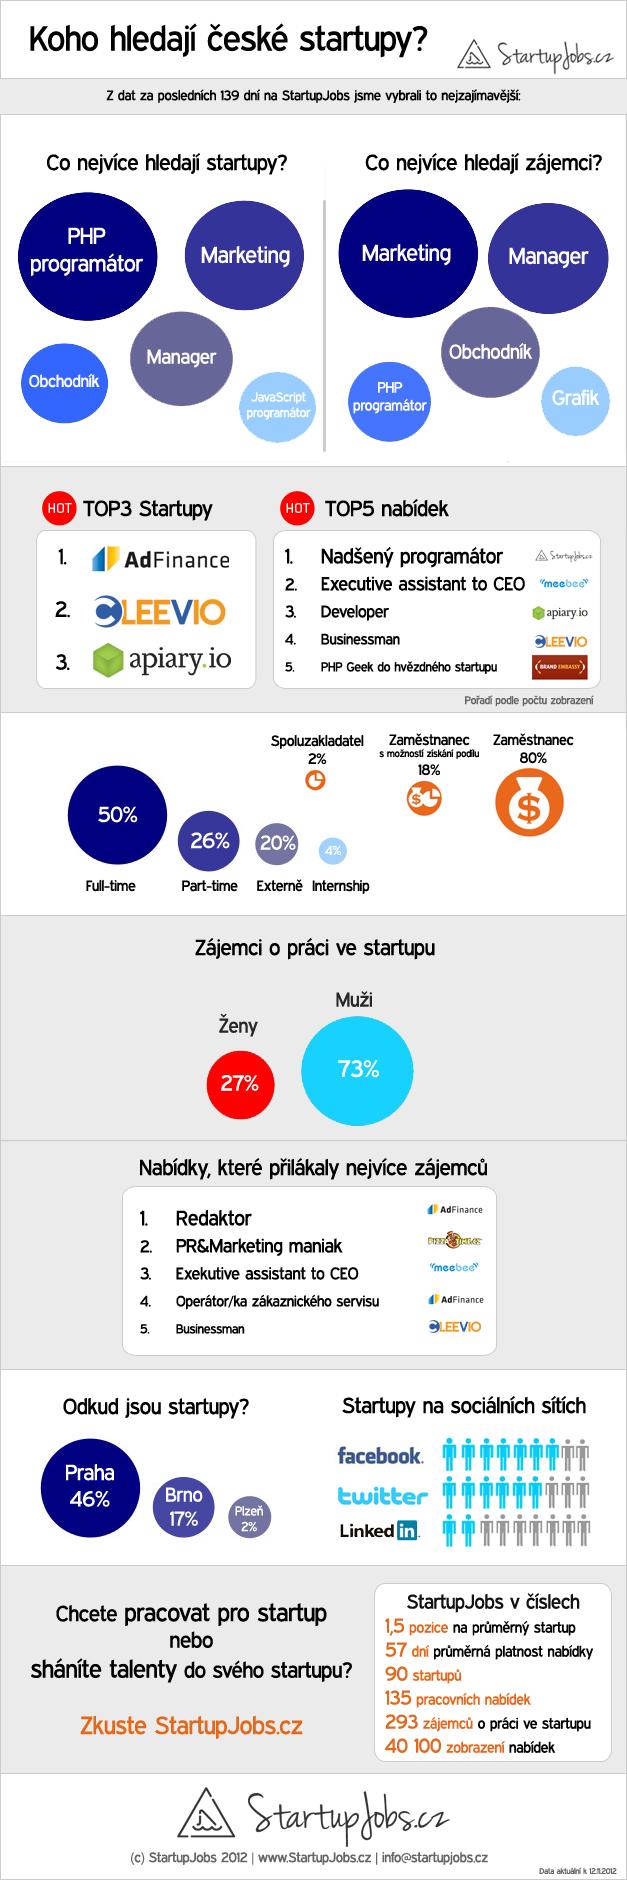 koho hledaji startupy